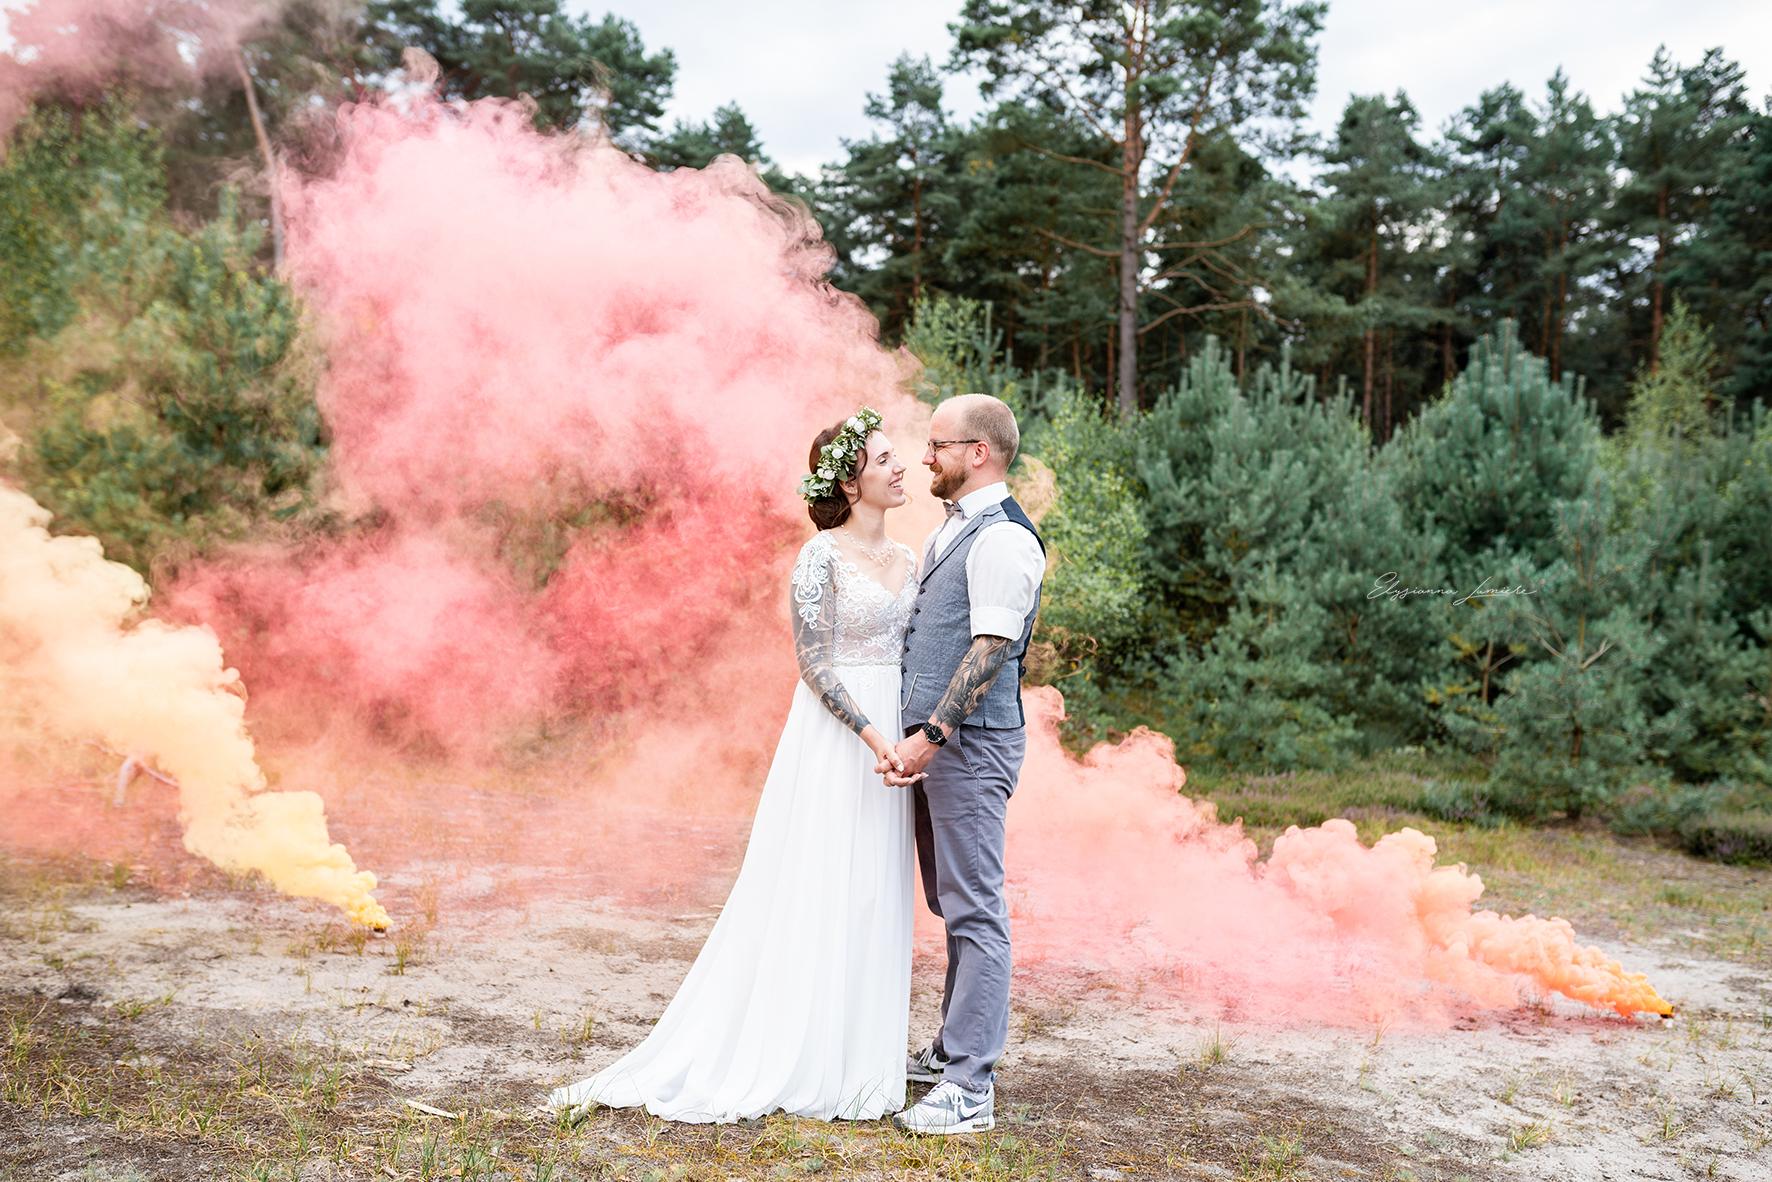 Hochzeitsfotos mit Rauchfackeln in den Dünen I Elysianna Lumiere Photography